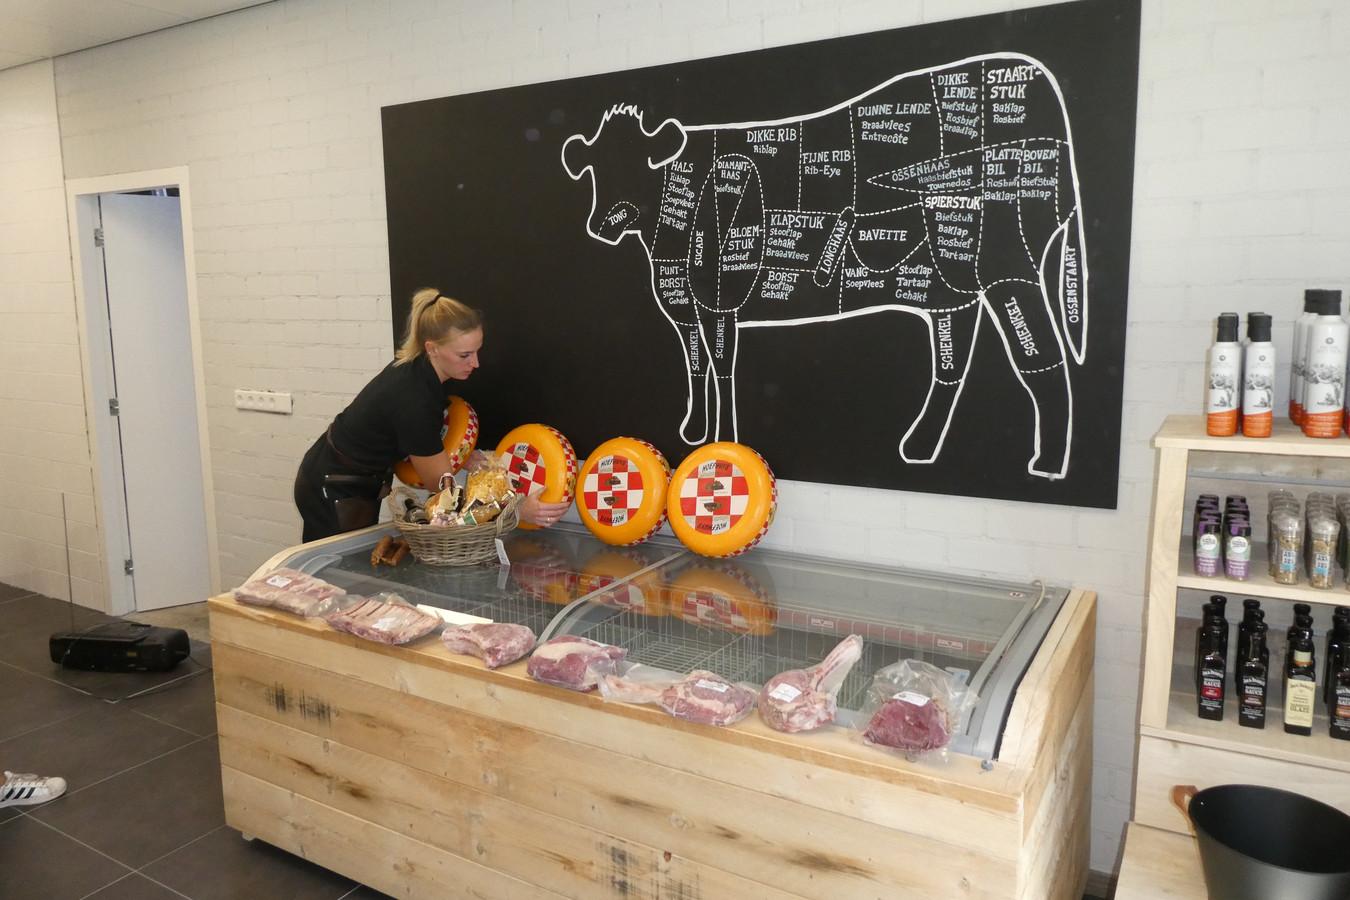 Kelly bezig met de inrichting van de streekwinkel Verhoeven Vlees aan de Hamsestraat in Liempde.